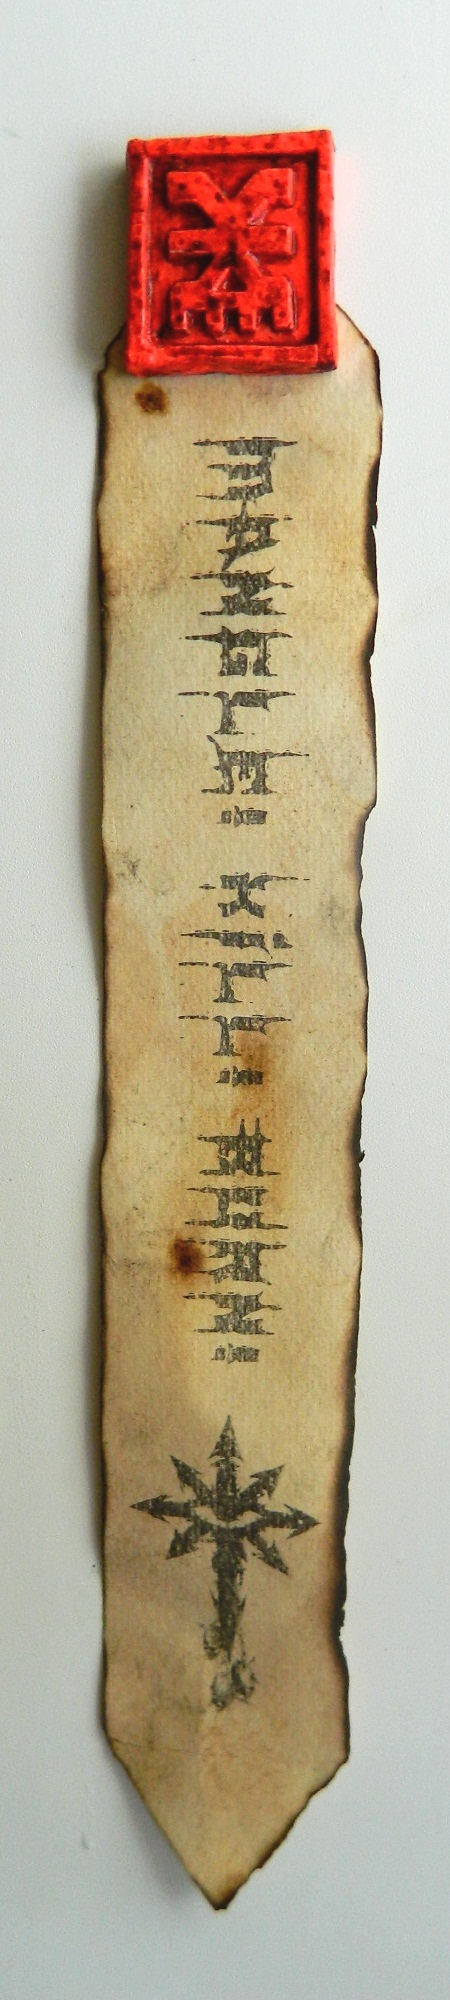 Печать Кхорна в качестве магнита для демонического холодильника.